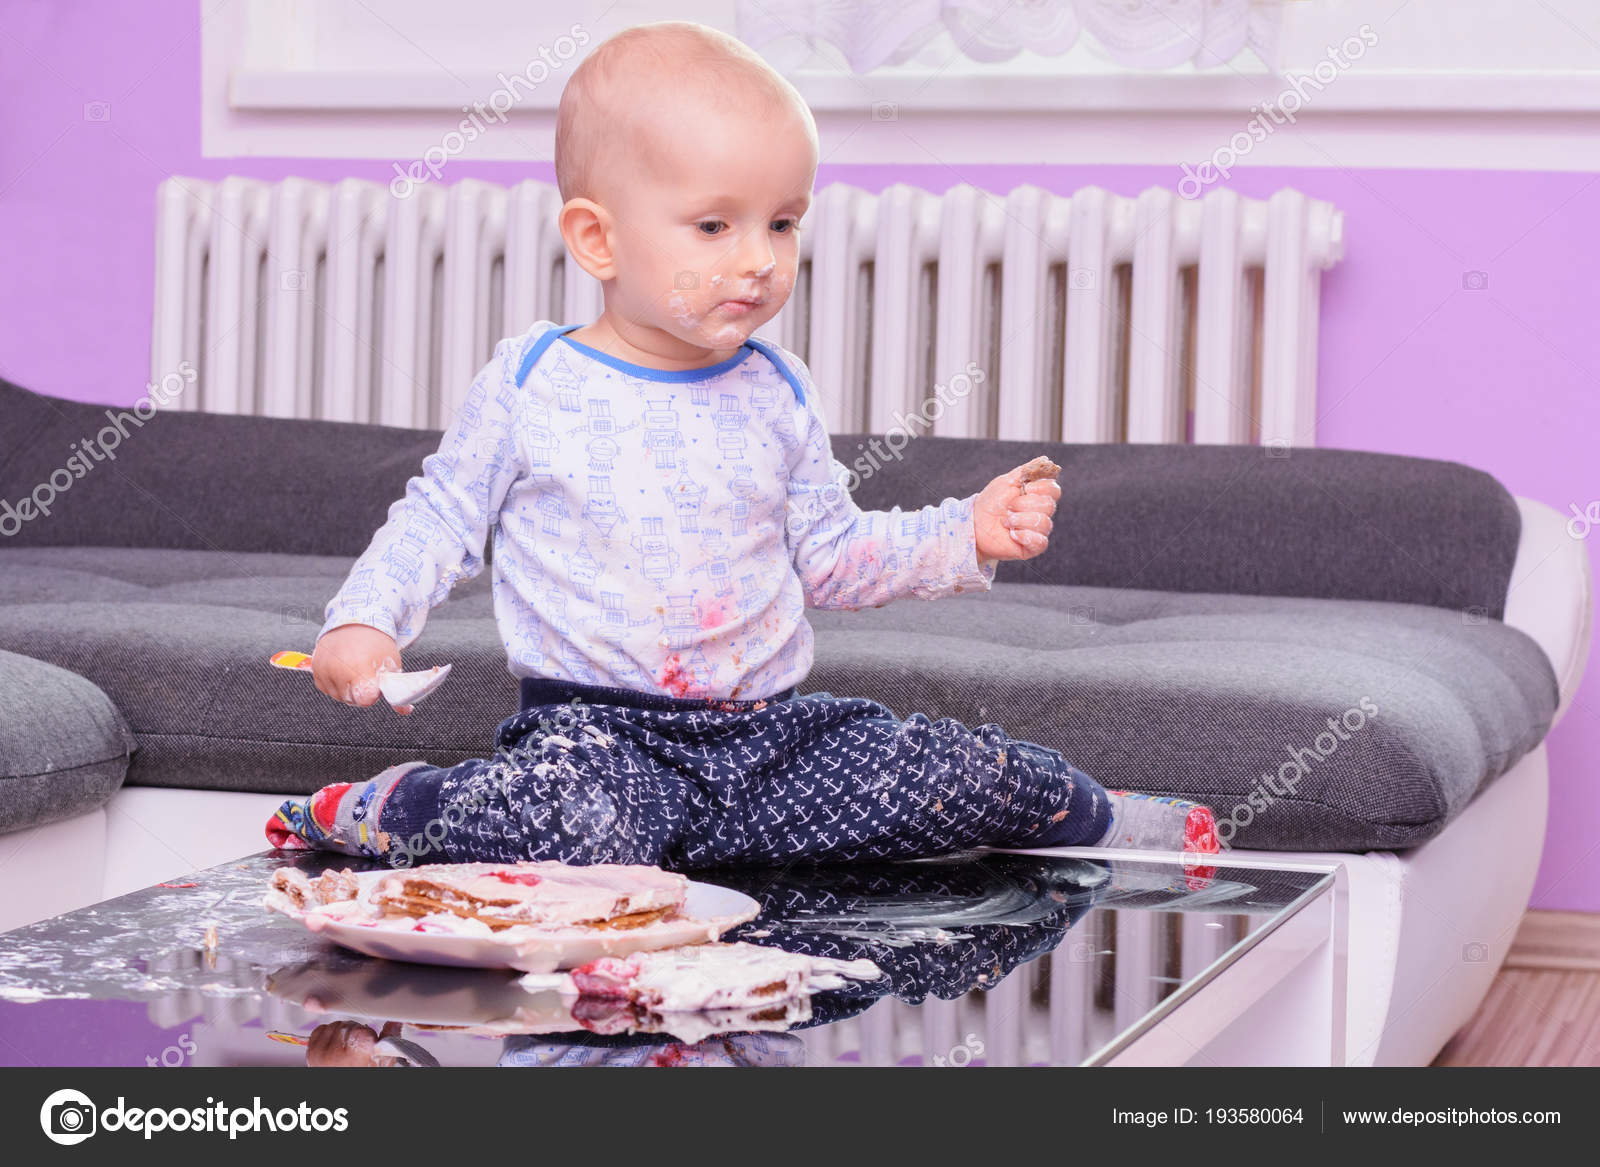 Smash Anniversaire De Petit Bébé Gâteau Avec Une Cuillère Joyeux